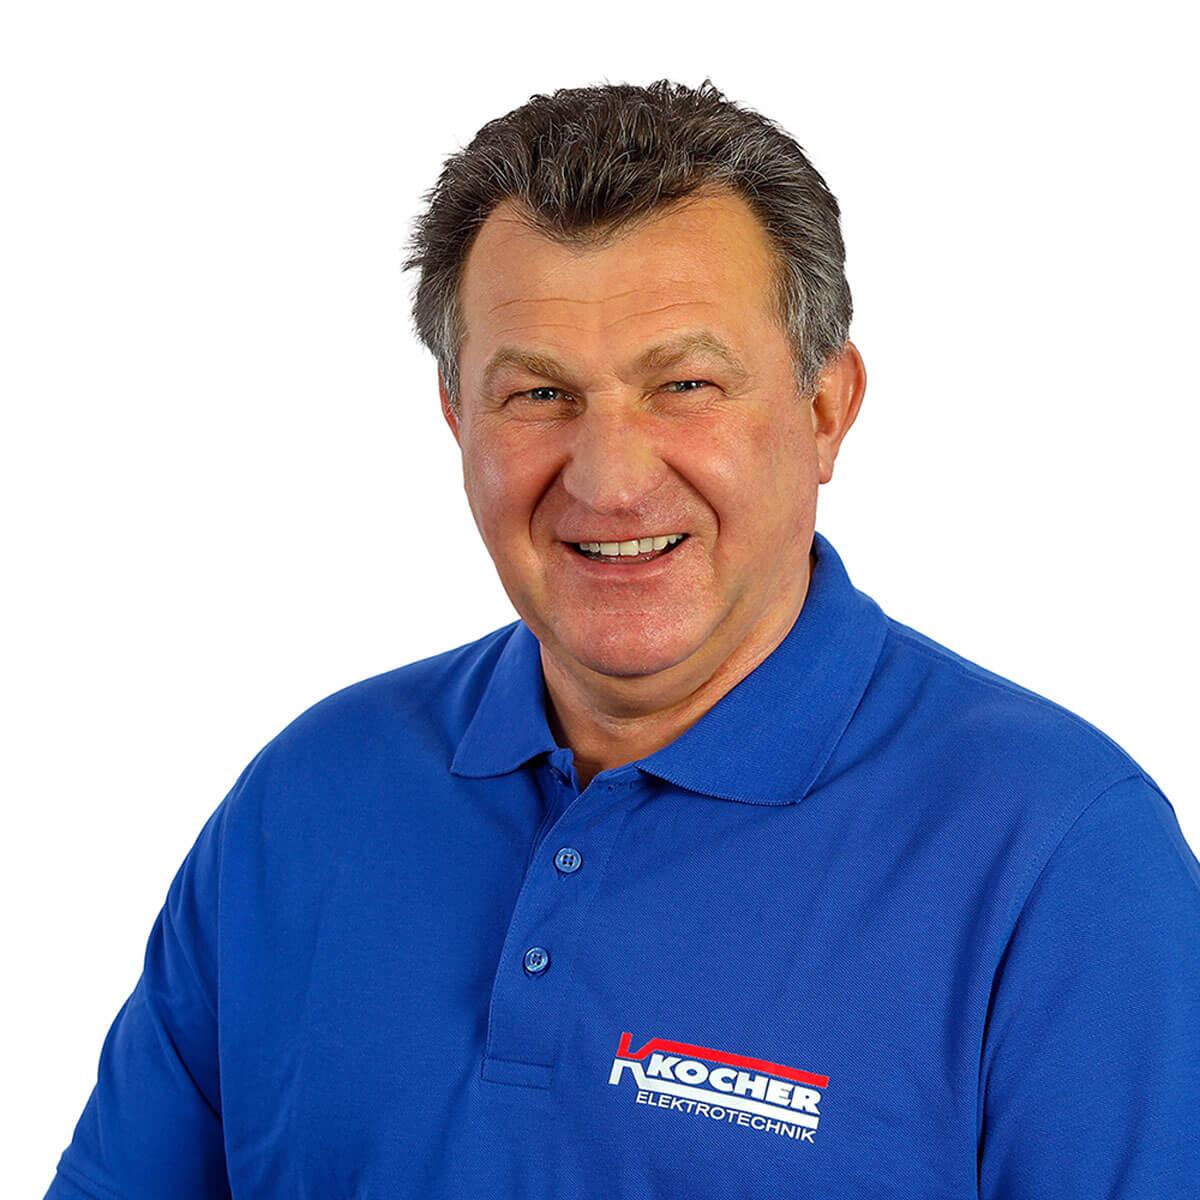 Siegfried Zubek ist Obermonteur bei Kocher in Dortmund.